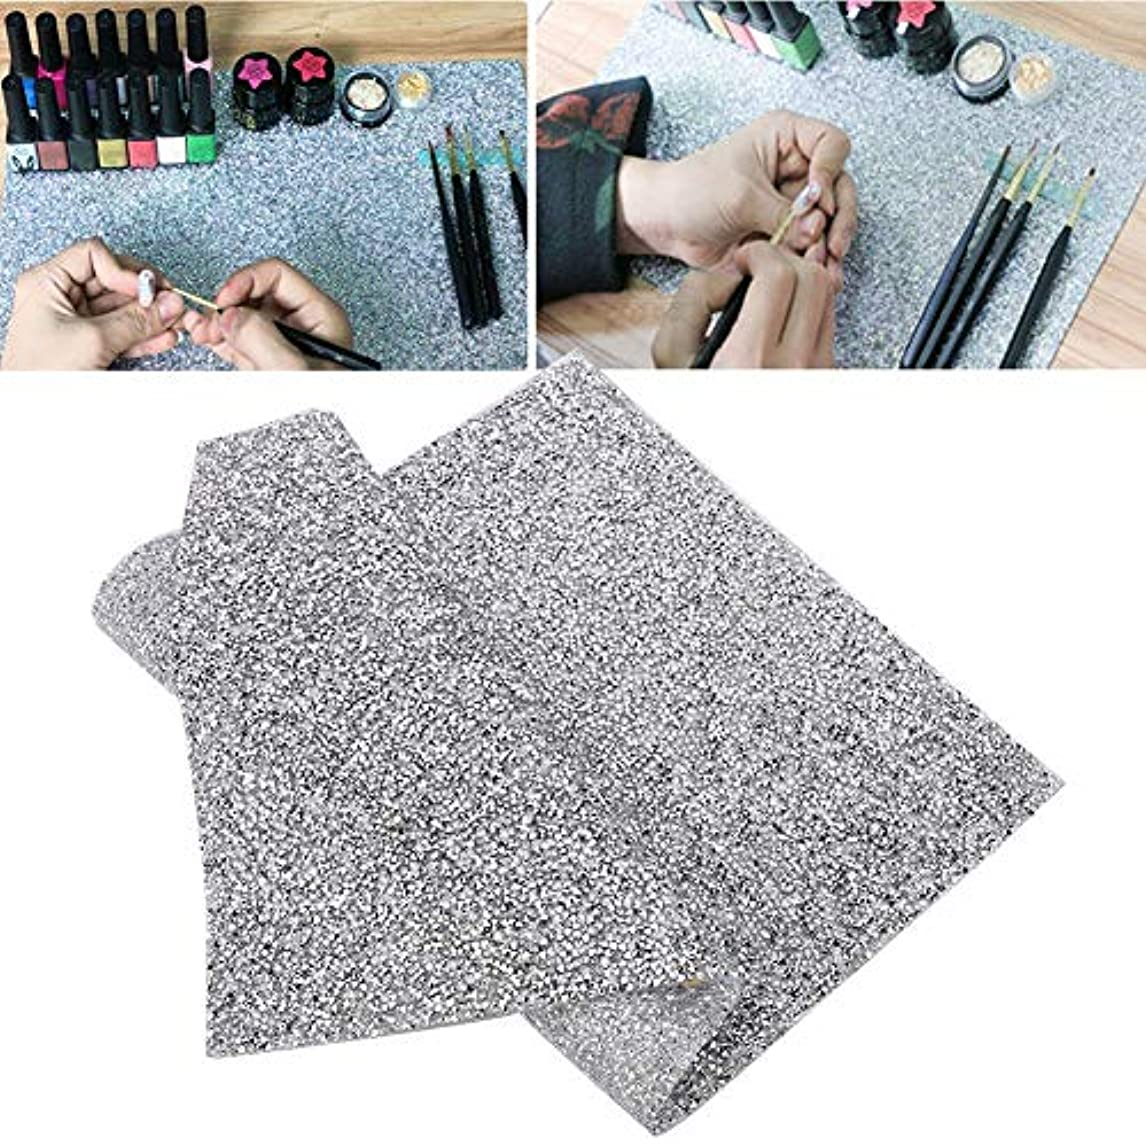 回答エンドウ変形Rotektマニキュアマット再利用可能テーブルパッド付きネイルアート美容アクセサリー2色(01)